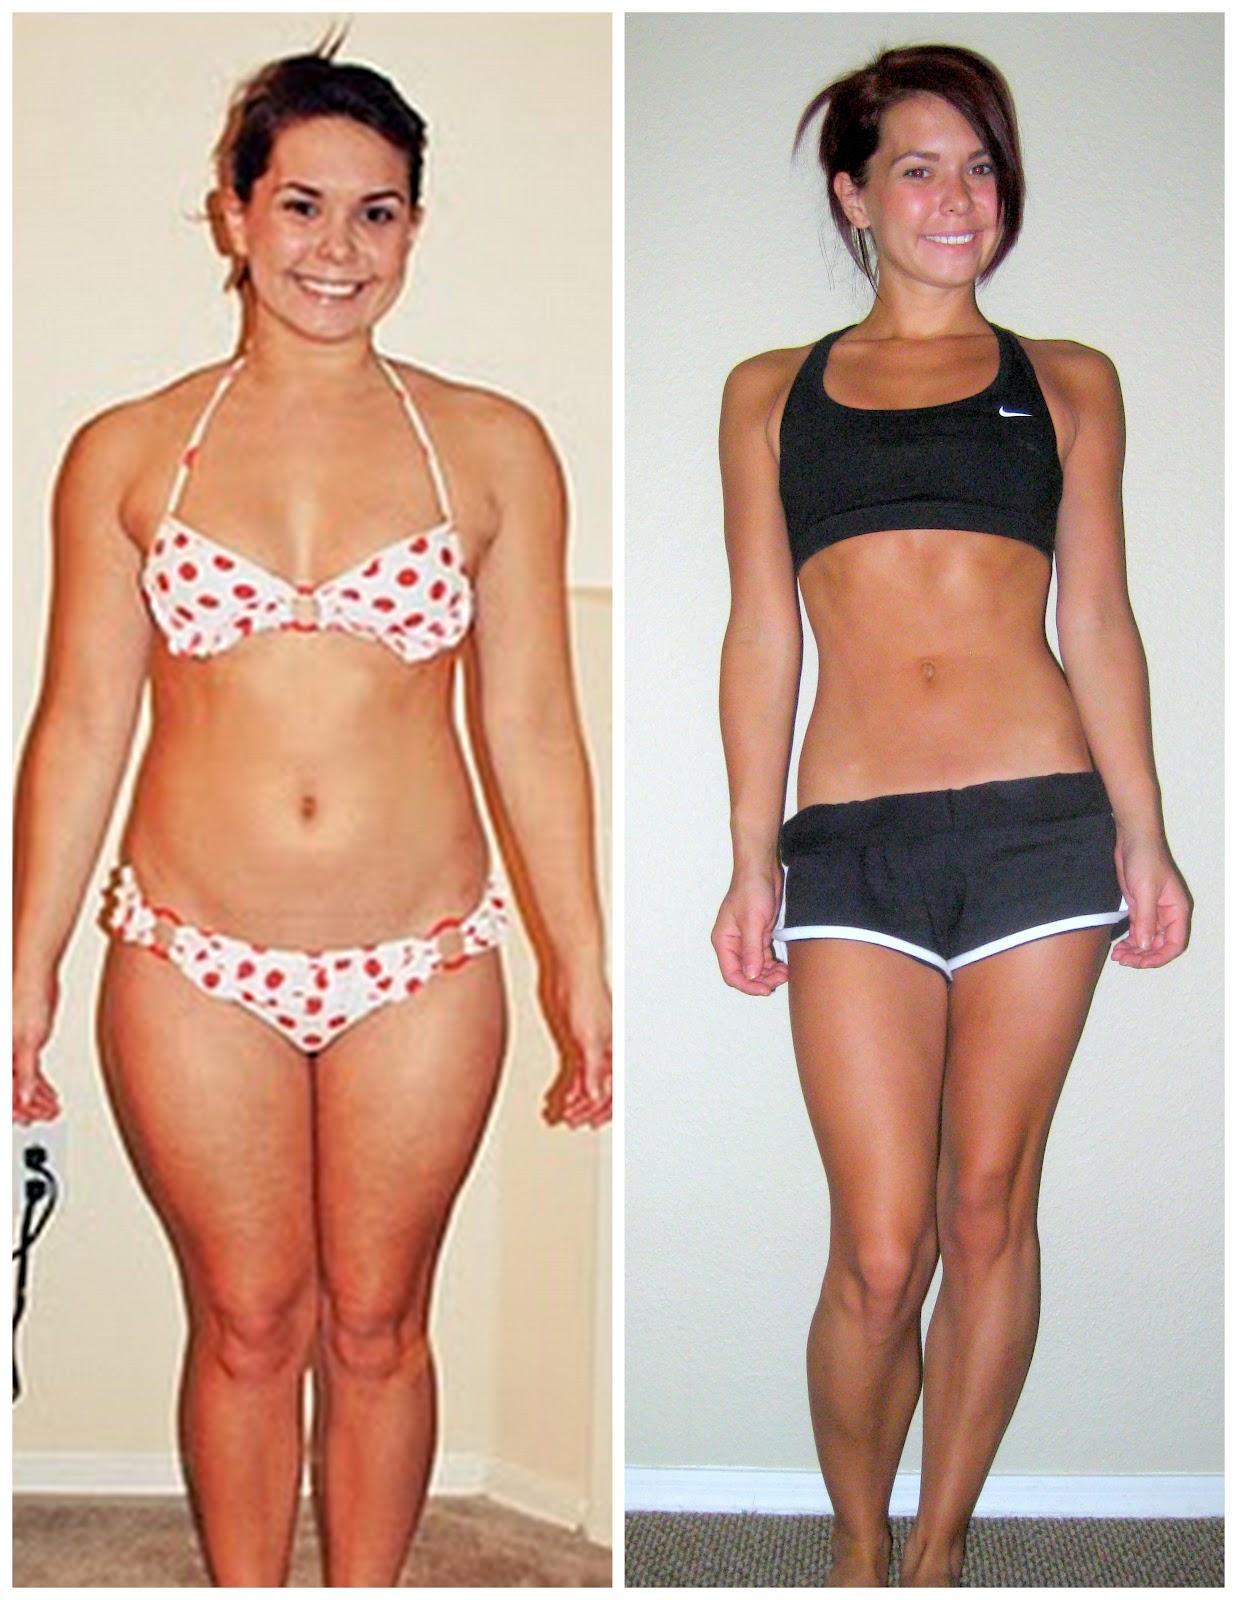 1. Как сбросить лишний вес в домашних условиях похудение, как смысл жизни 18